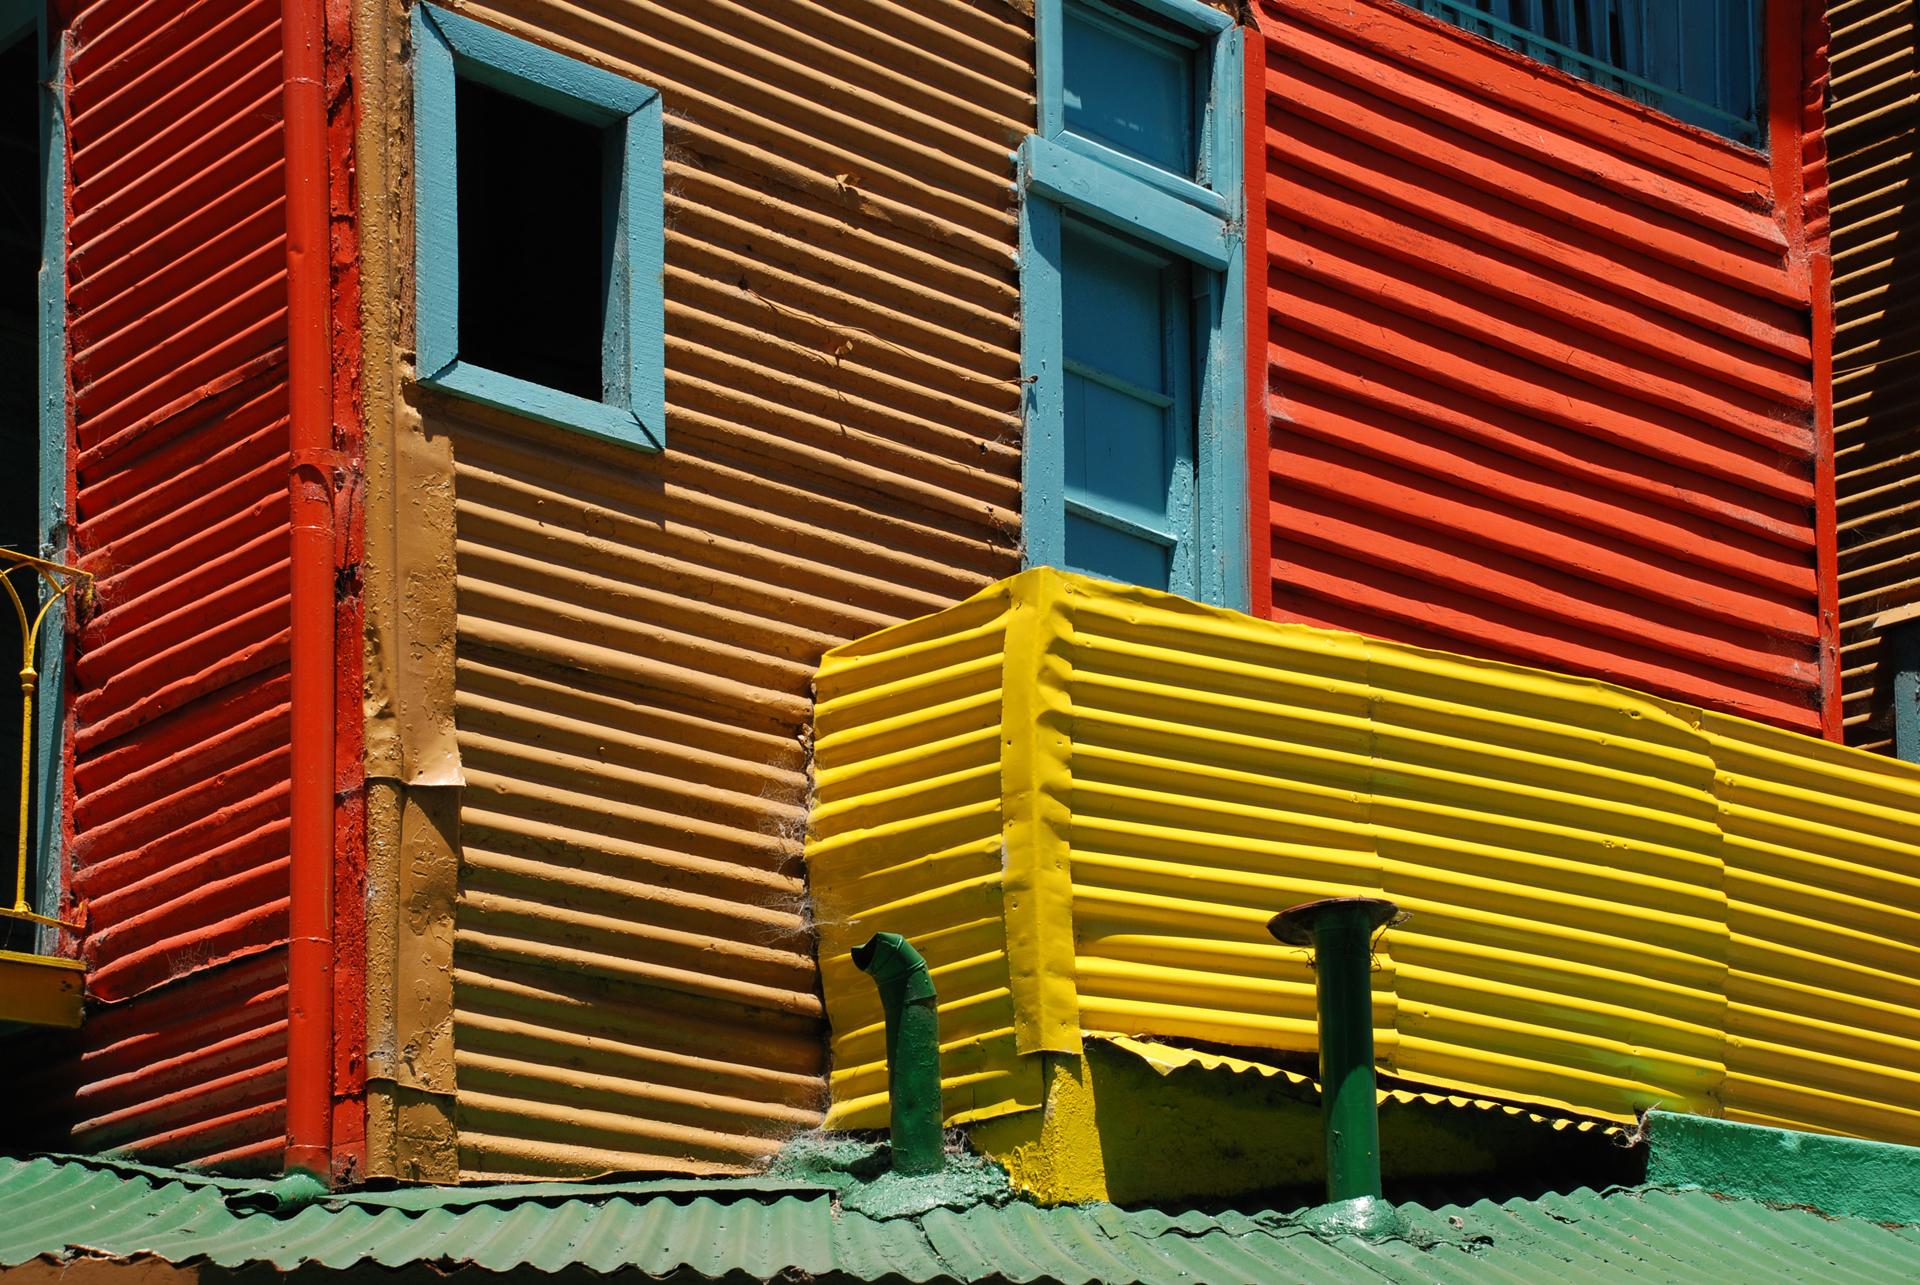 בואנוס איירס - לה בוקה - יואל שתרוג - אדמה יוצרת - yoel sitruk